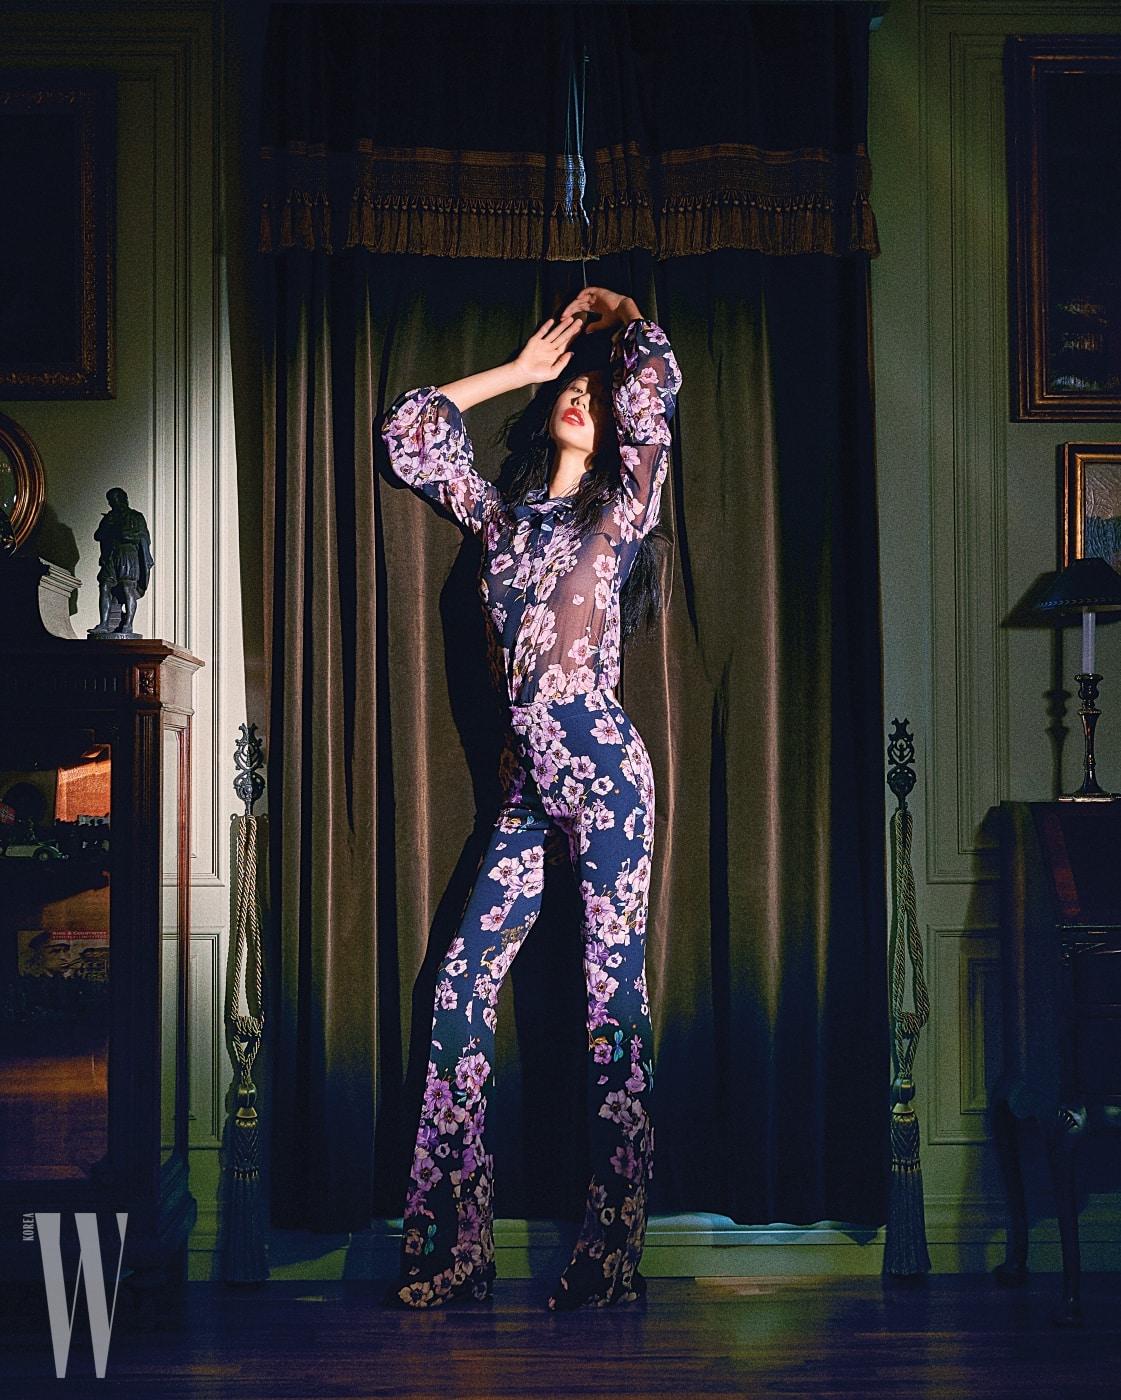 화려한 꽃무늬 시스루 블라우스와 다리 라인을 날씬하게 잡아주는 꽃무늬 팬츠는 Giambattista Valli 제품.